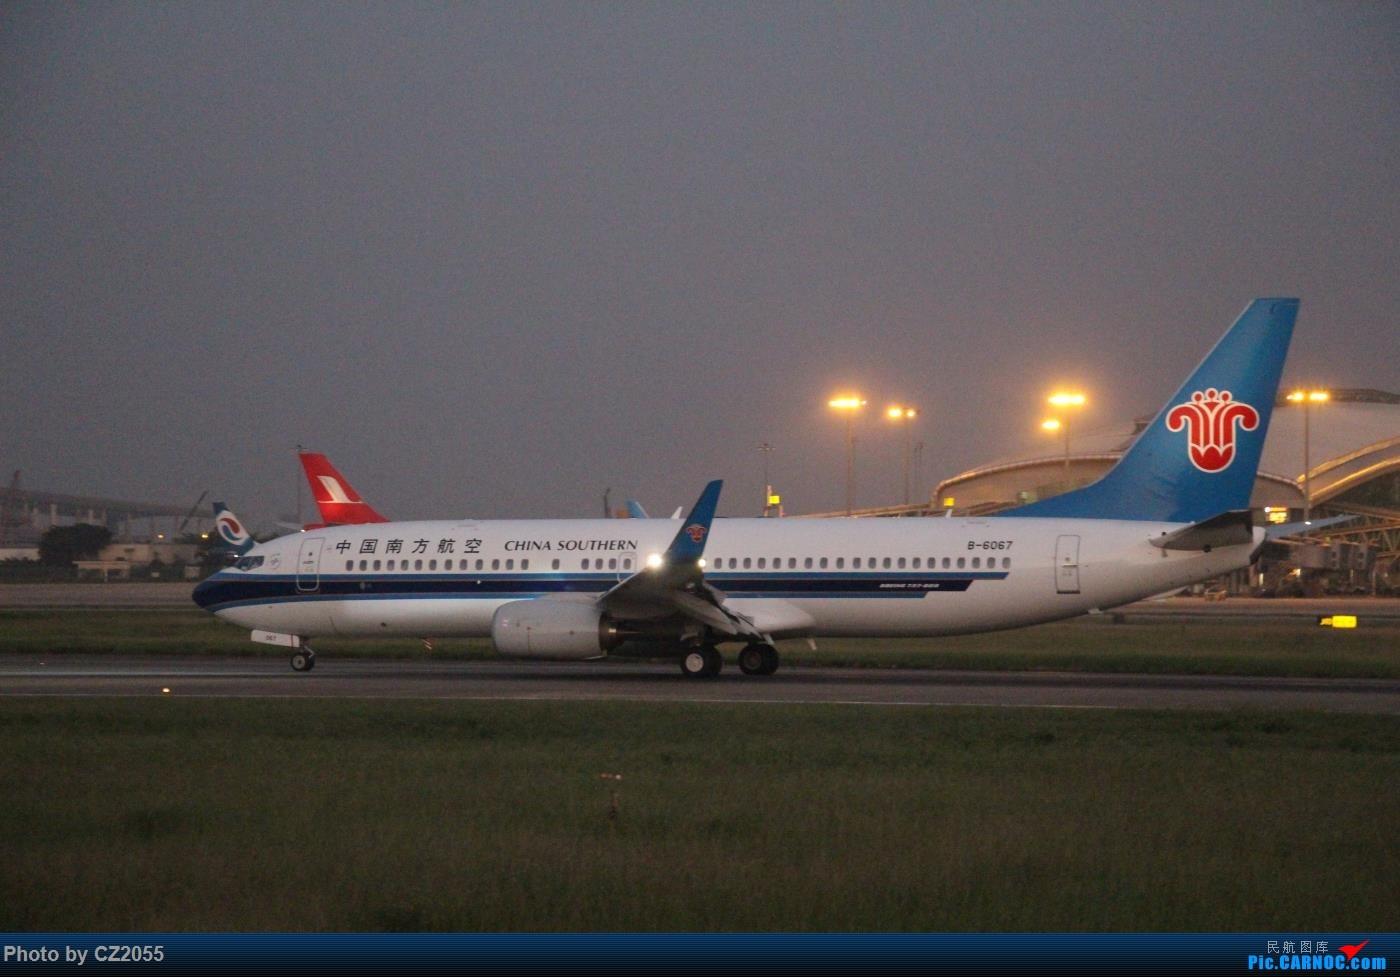 Re:[原创]【广东青少年拍机小队】【C-Z-2055】2015即将结束,来做个总结。 BOEING 737-800 B-6067 中国广州白云国际机场